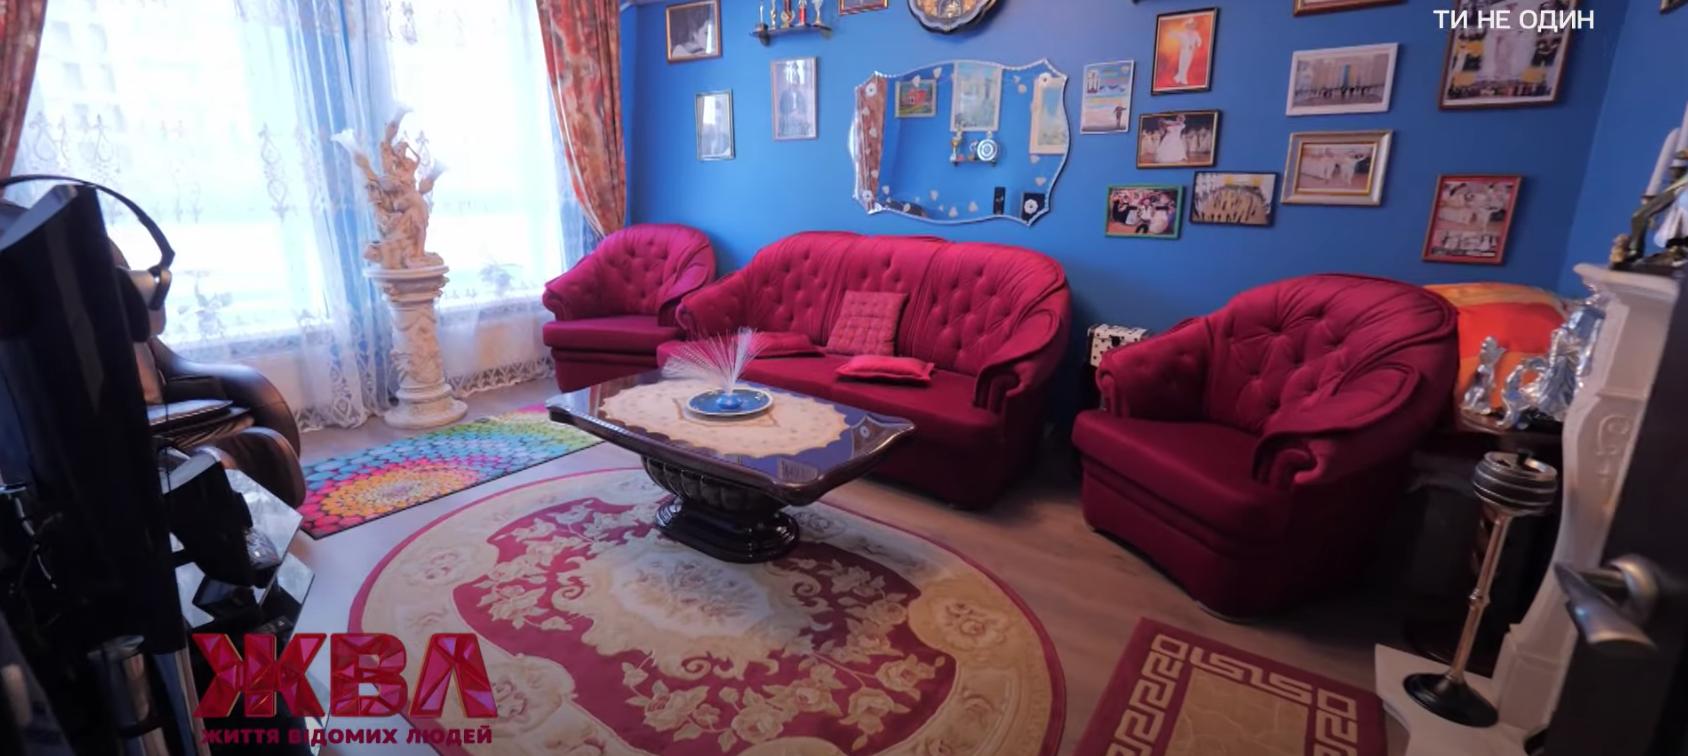 Вітальня в квартирі, де мешкає Чапкіс.